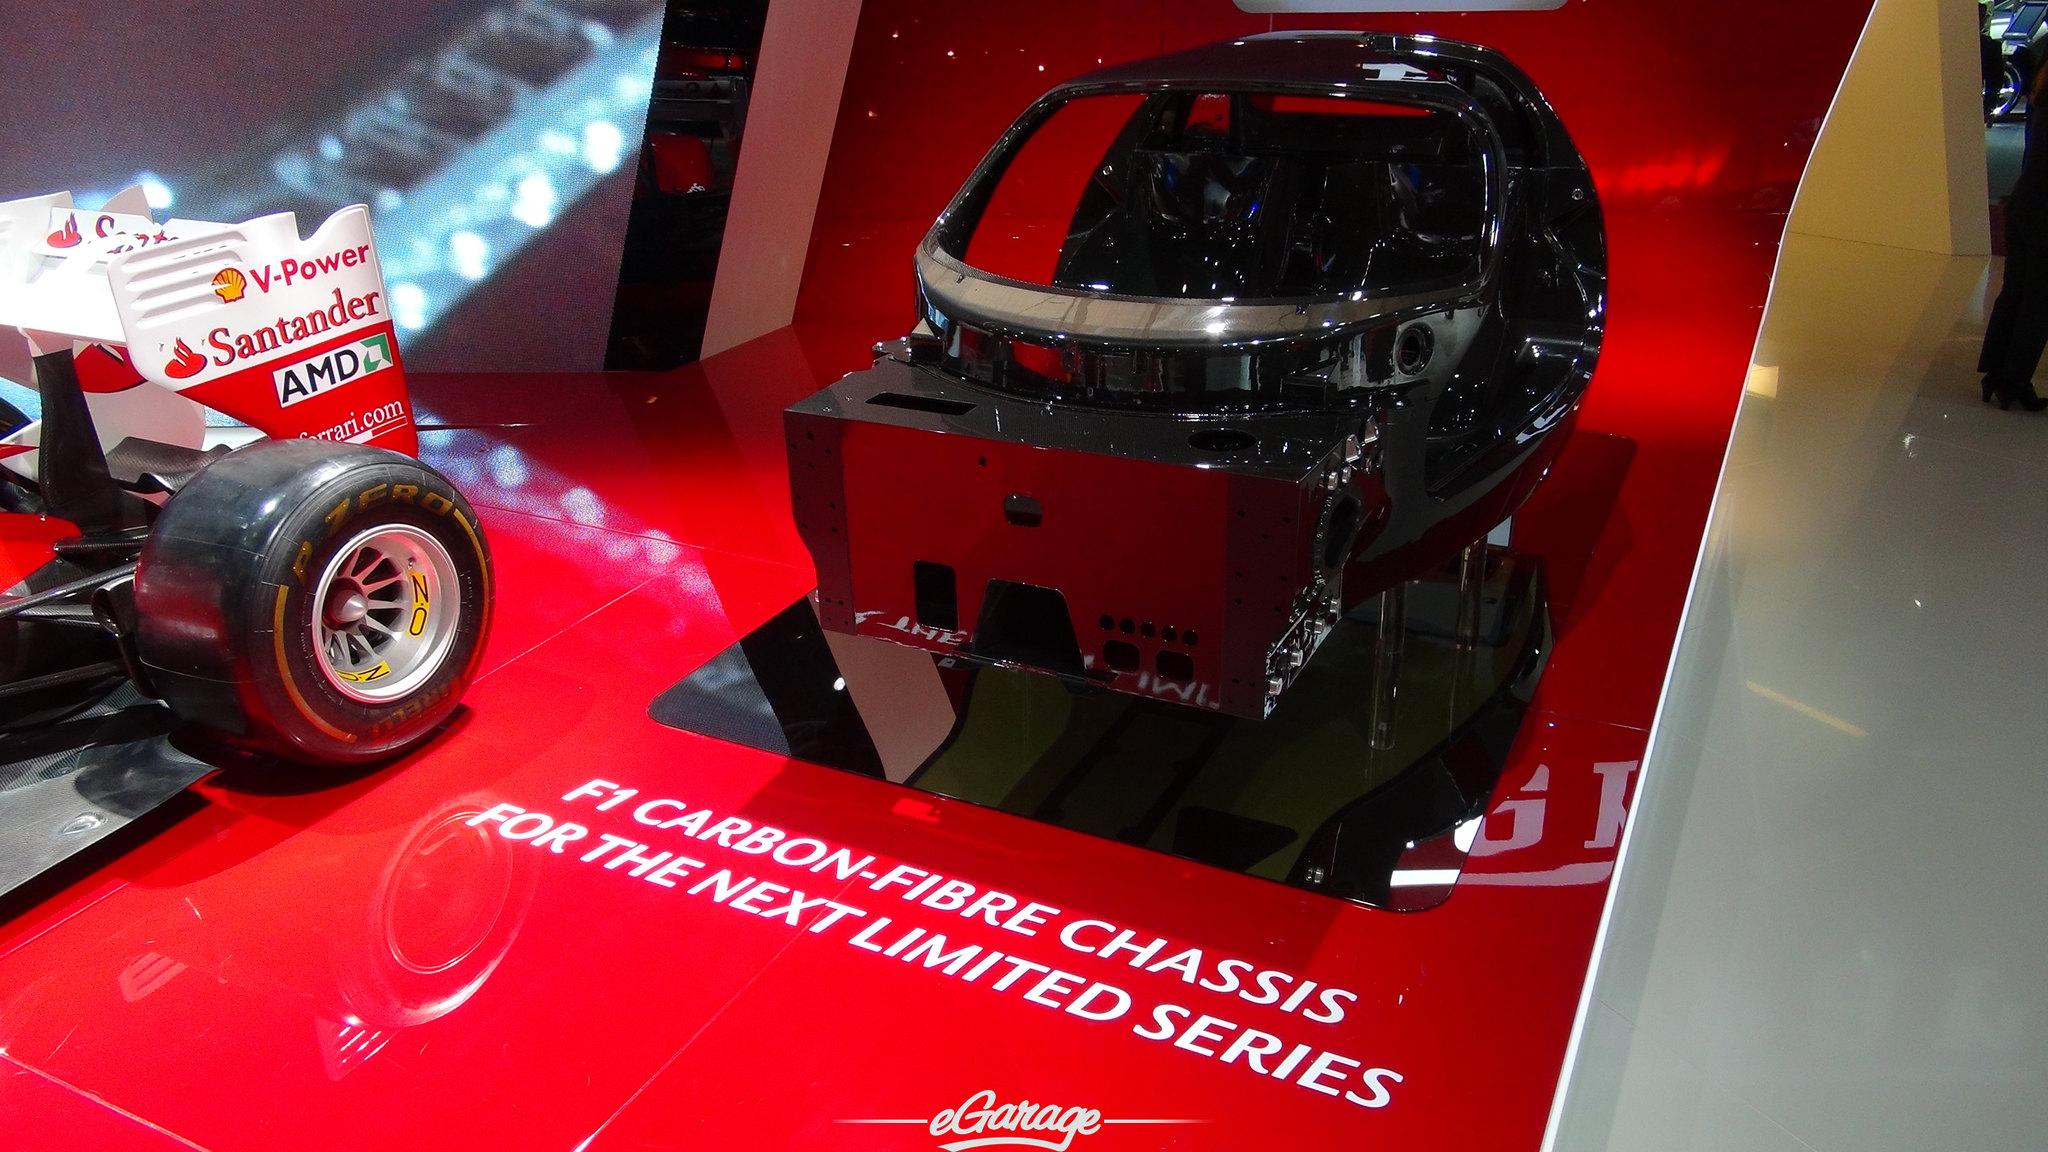 8034745951 939270879a k 2012 Paris Motor Show